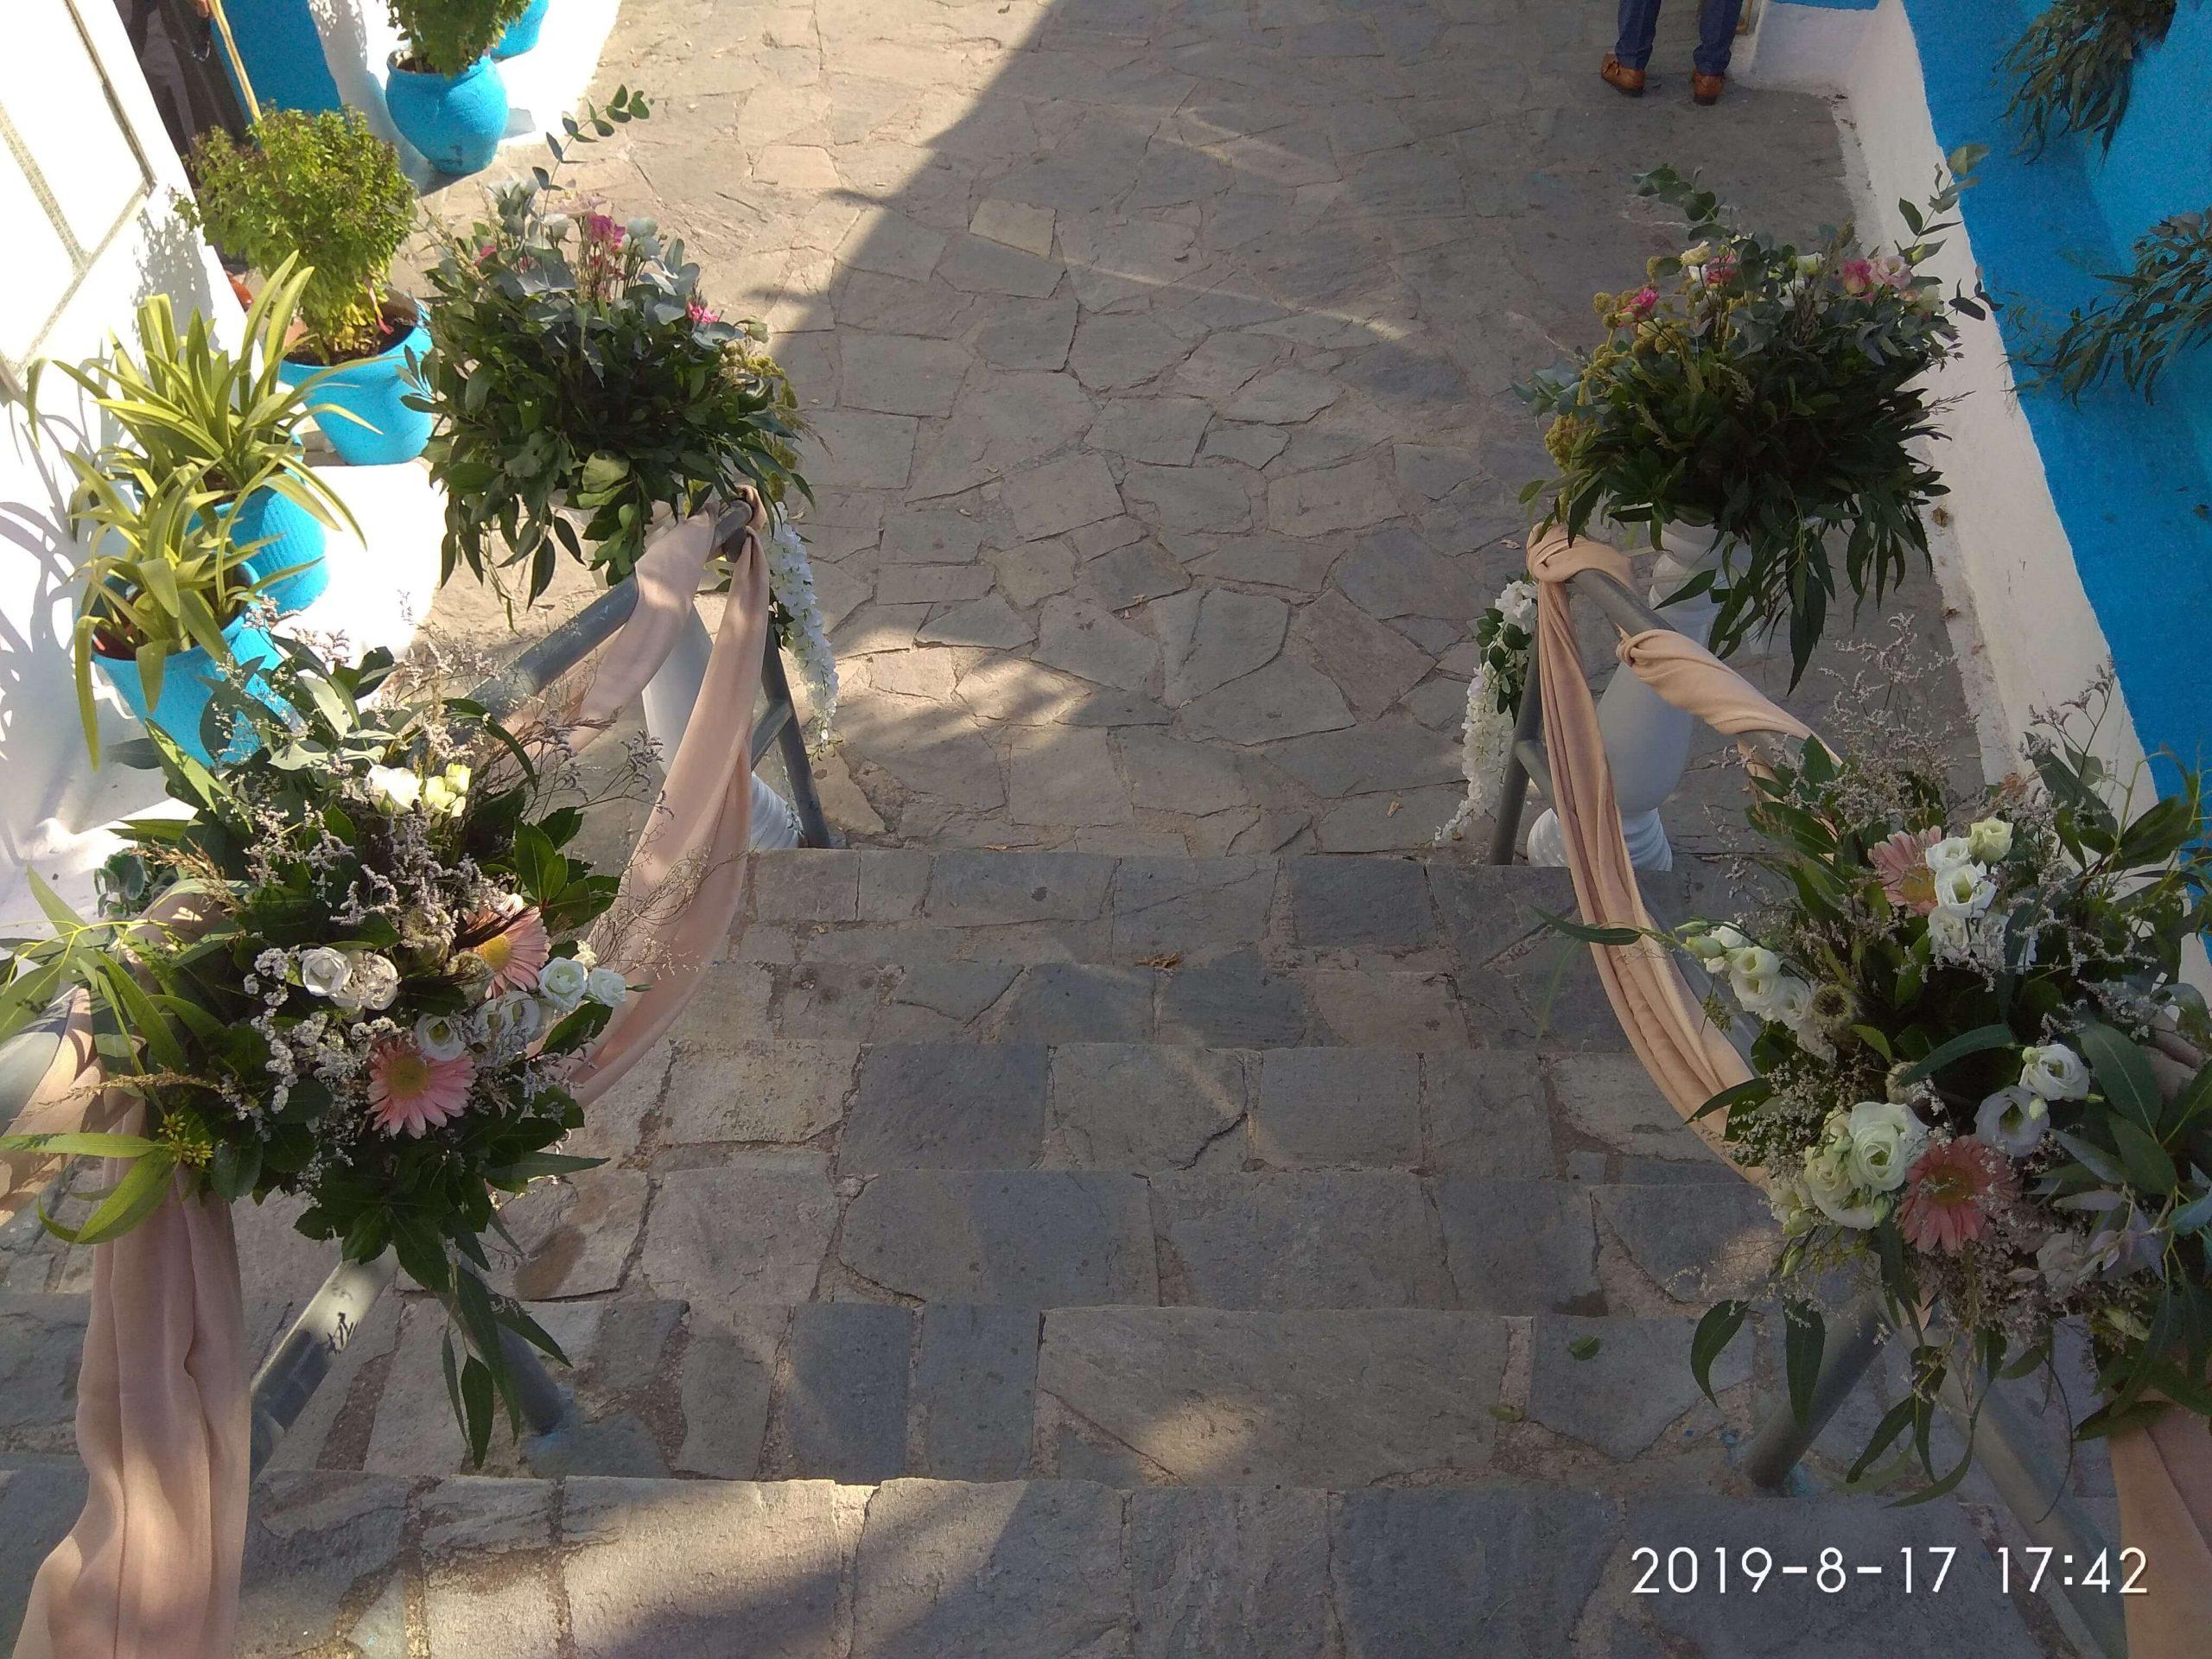 διακοσμήσεις γάμου Θεσσαλονίκη | Online ανθοπωλείο ανθοδημιουργίες Τούμπα Θεσσαλονίκης